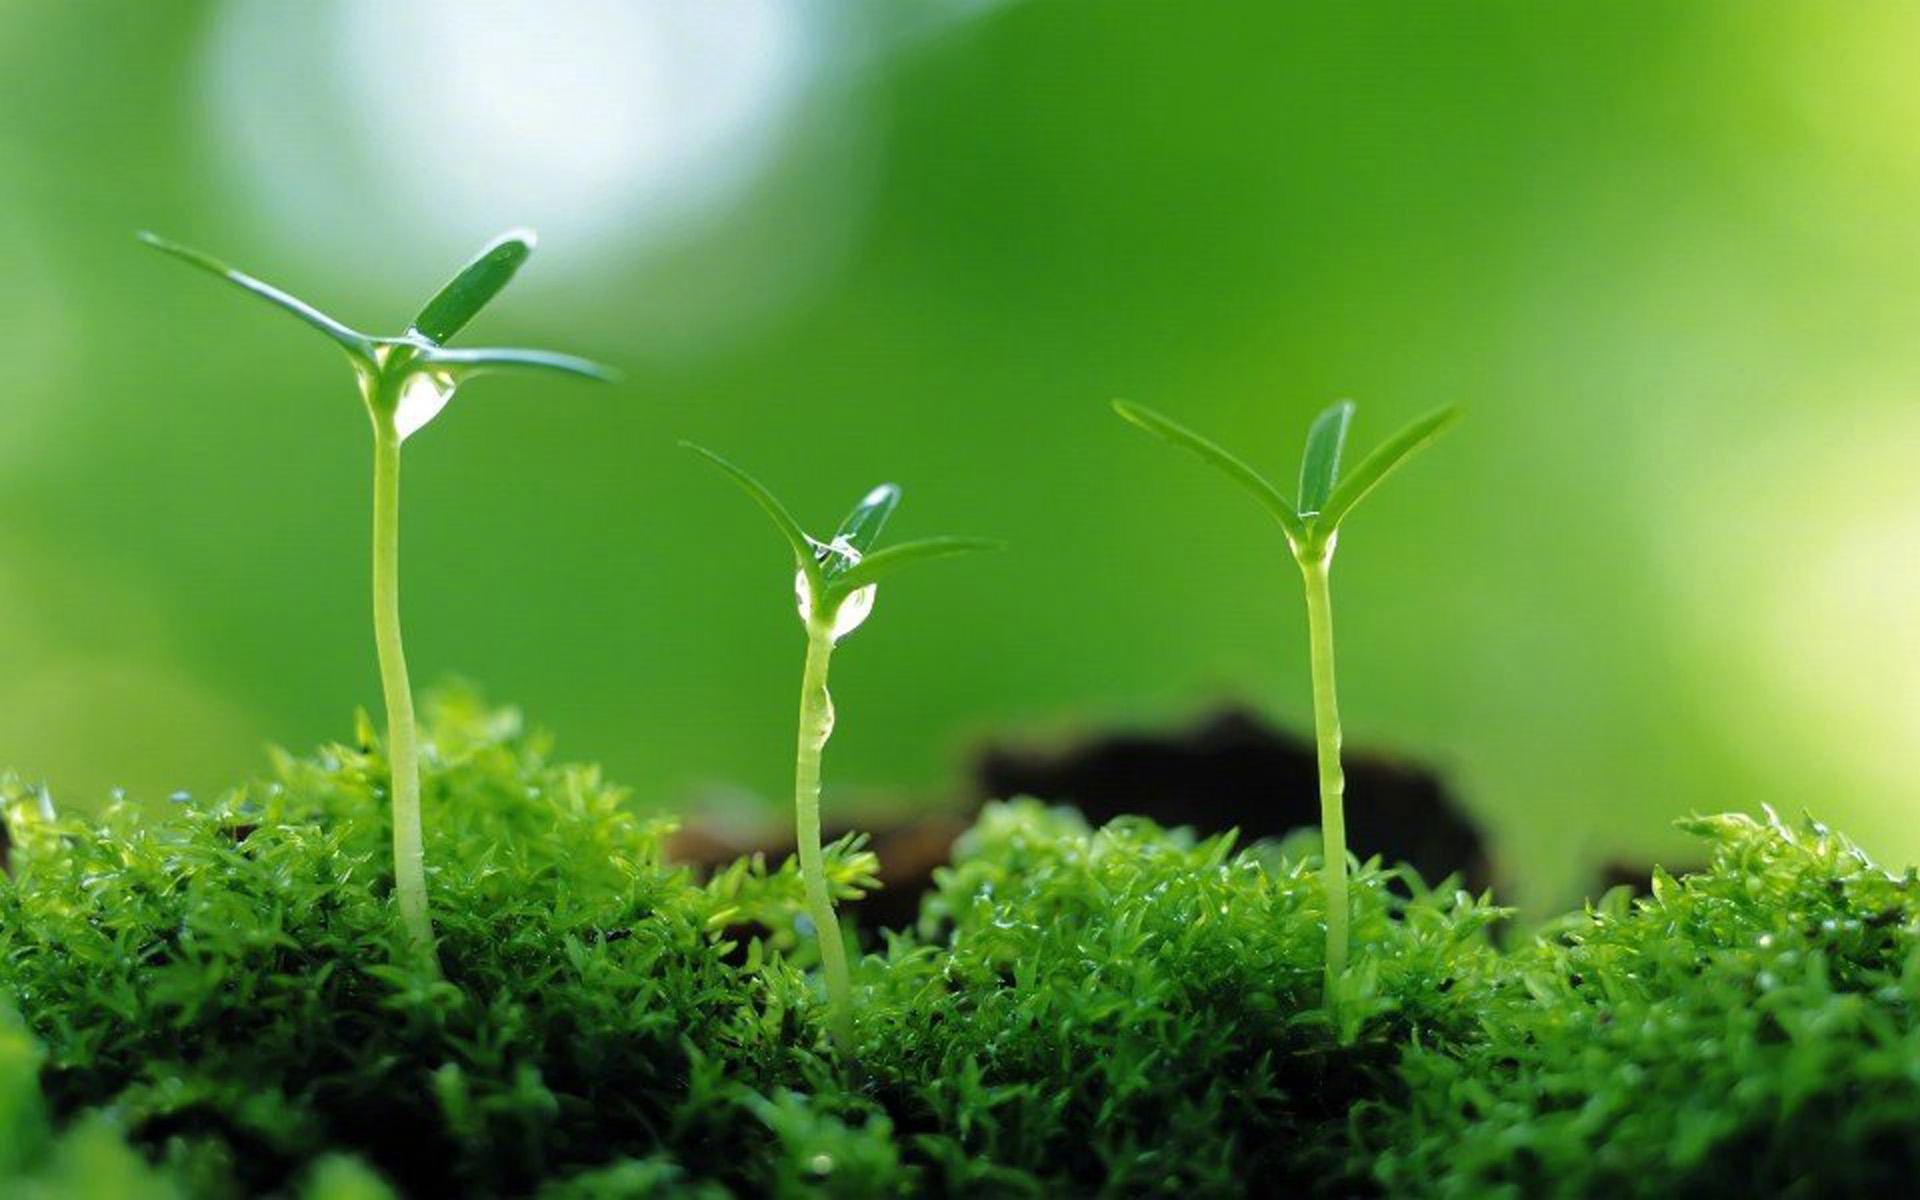 绿色嫩芽清新生命图片桌面护眼壁纸